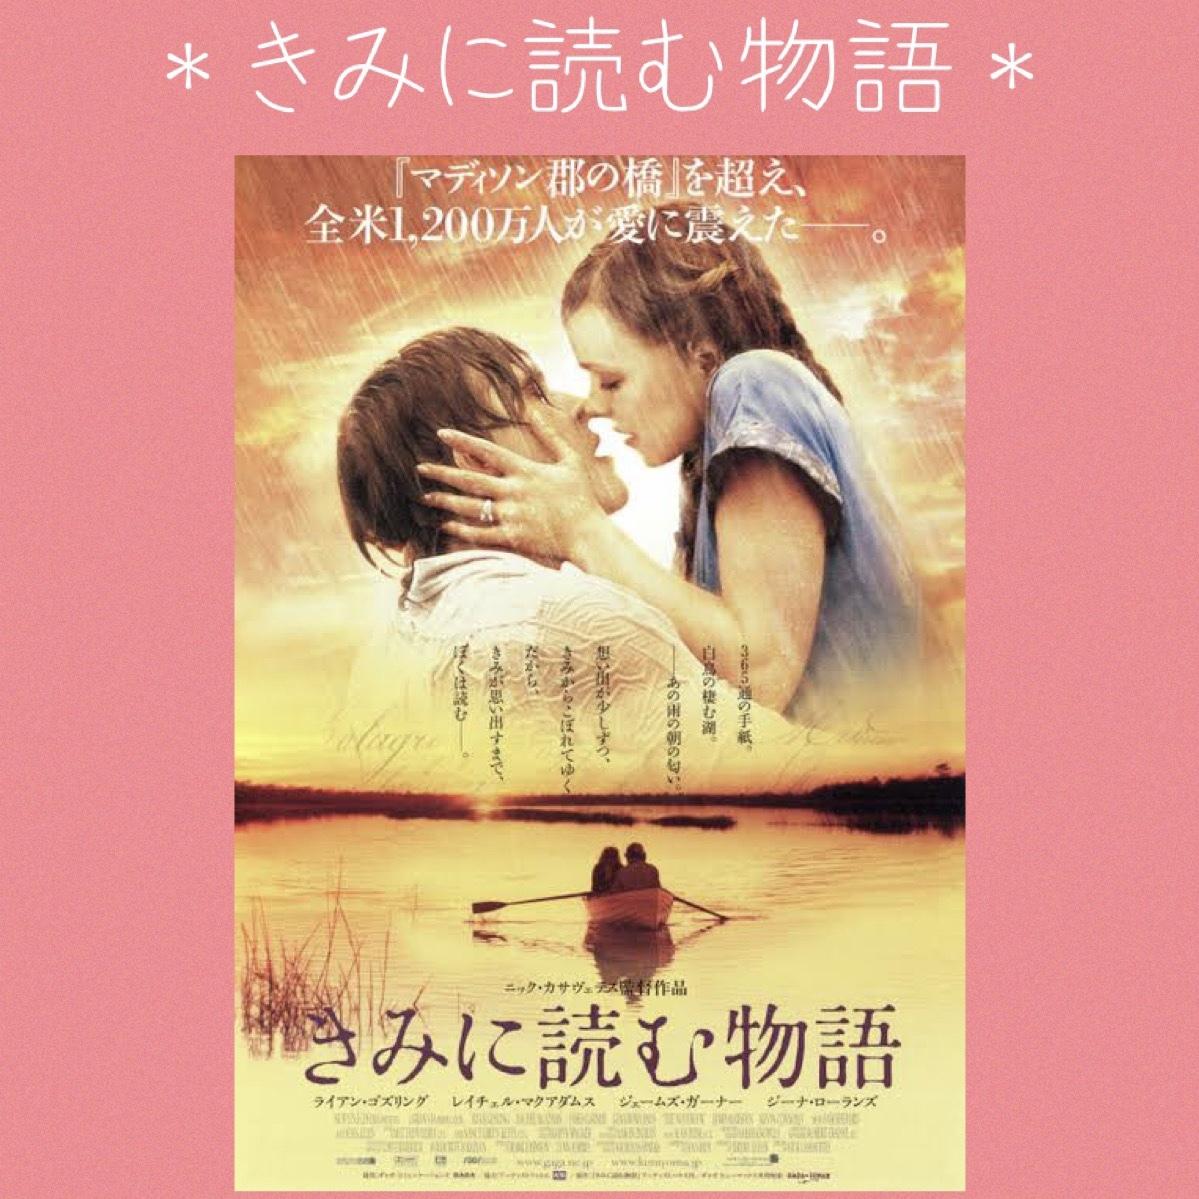 【映画】映画好きが超おすすめする恋愛映画!!_1_2